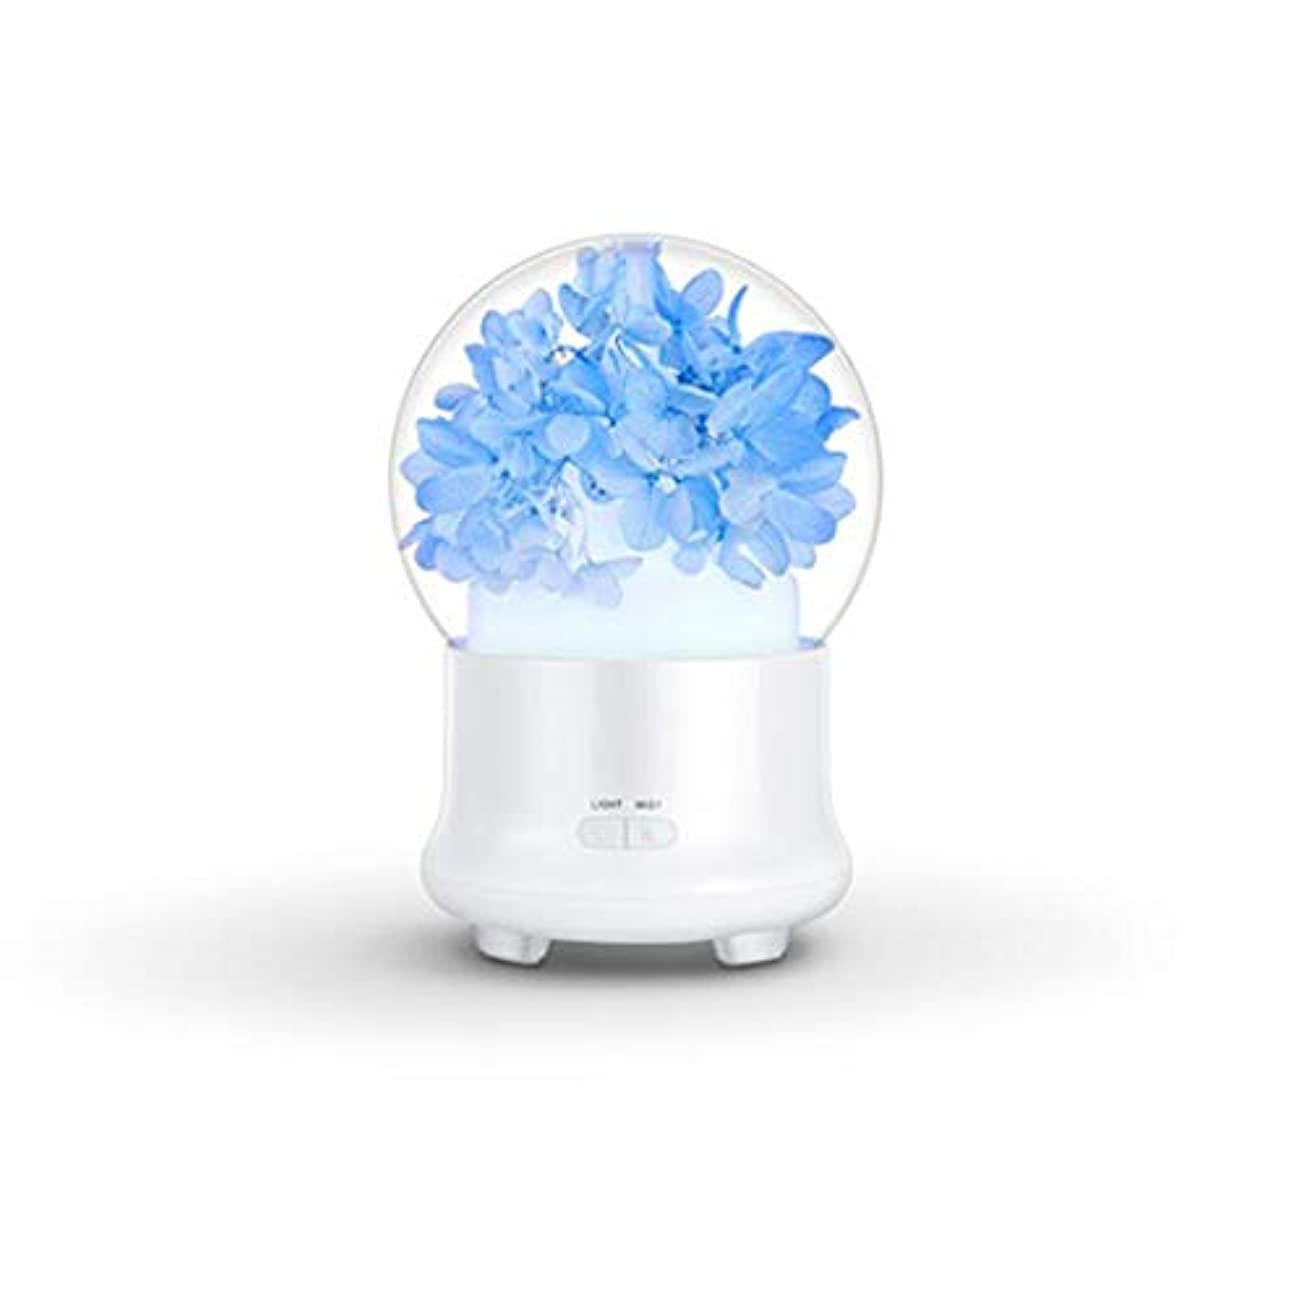 ボーカル平凡大破ACHICOO アロマディフューザー 加湿器 花 電気 カラフル LED ミストフォッガー かわいい 安全 24V 12 x 12 x 16.8cm ブルー